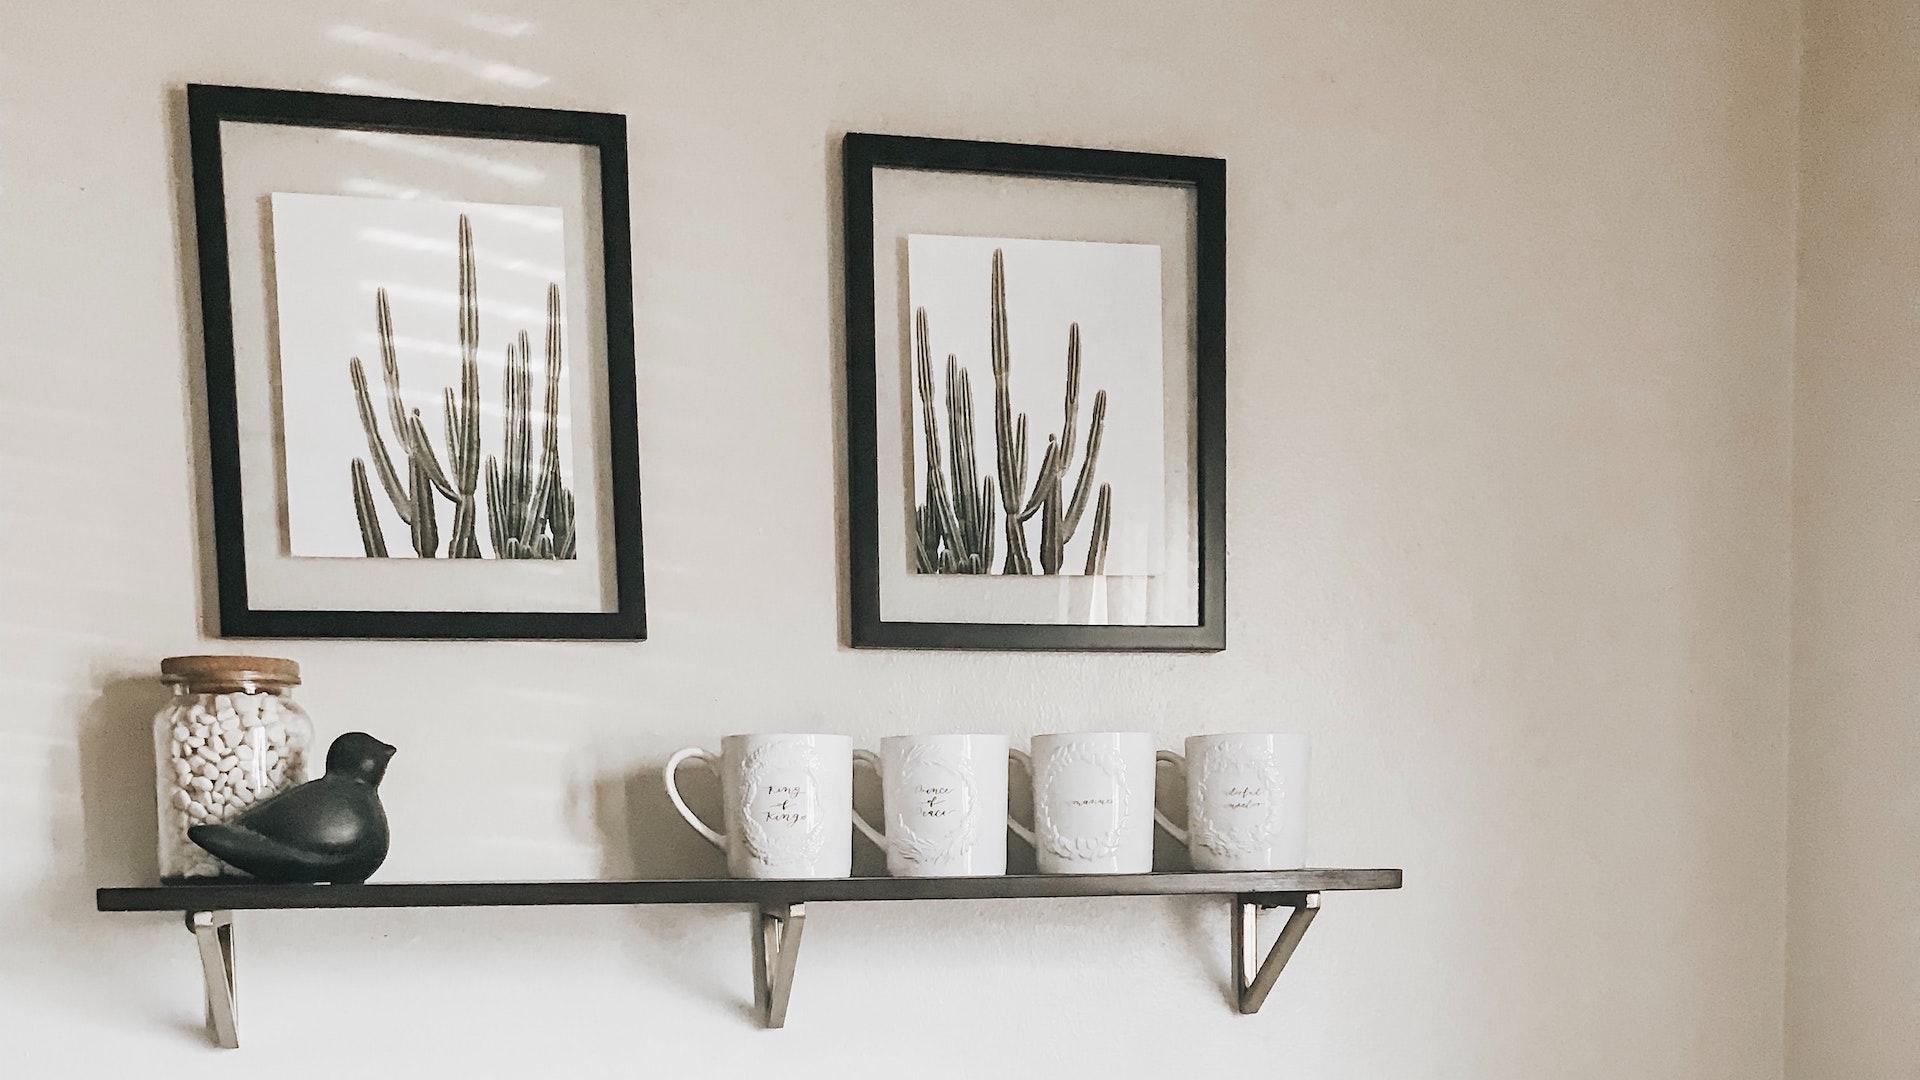 額縁とコーヒーカップの無料バーチャル背景素材